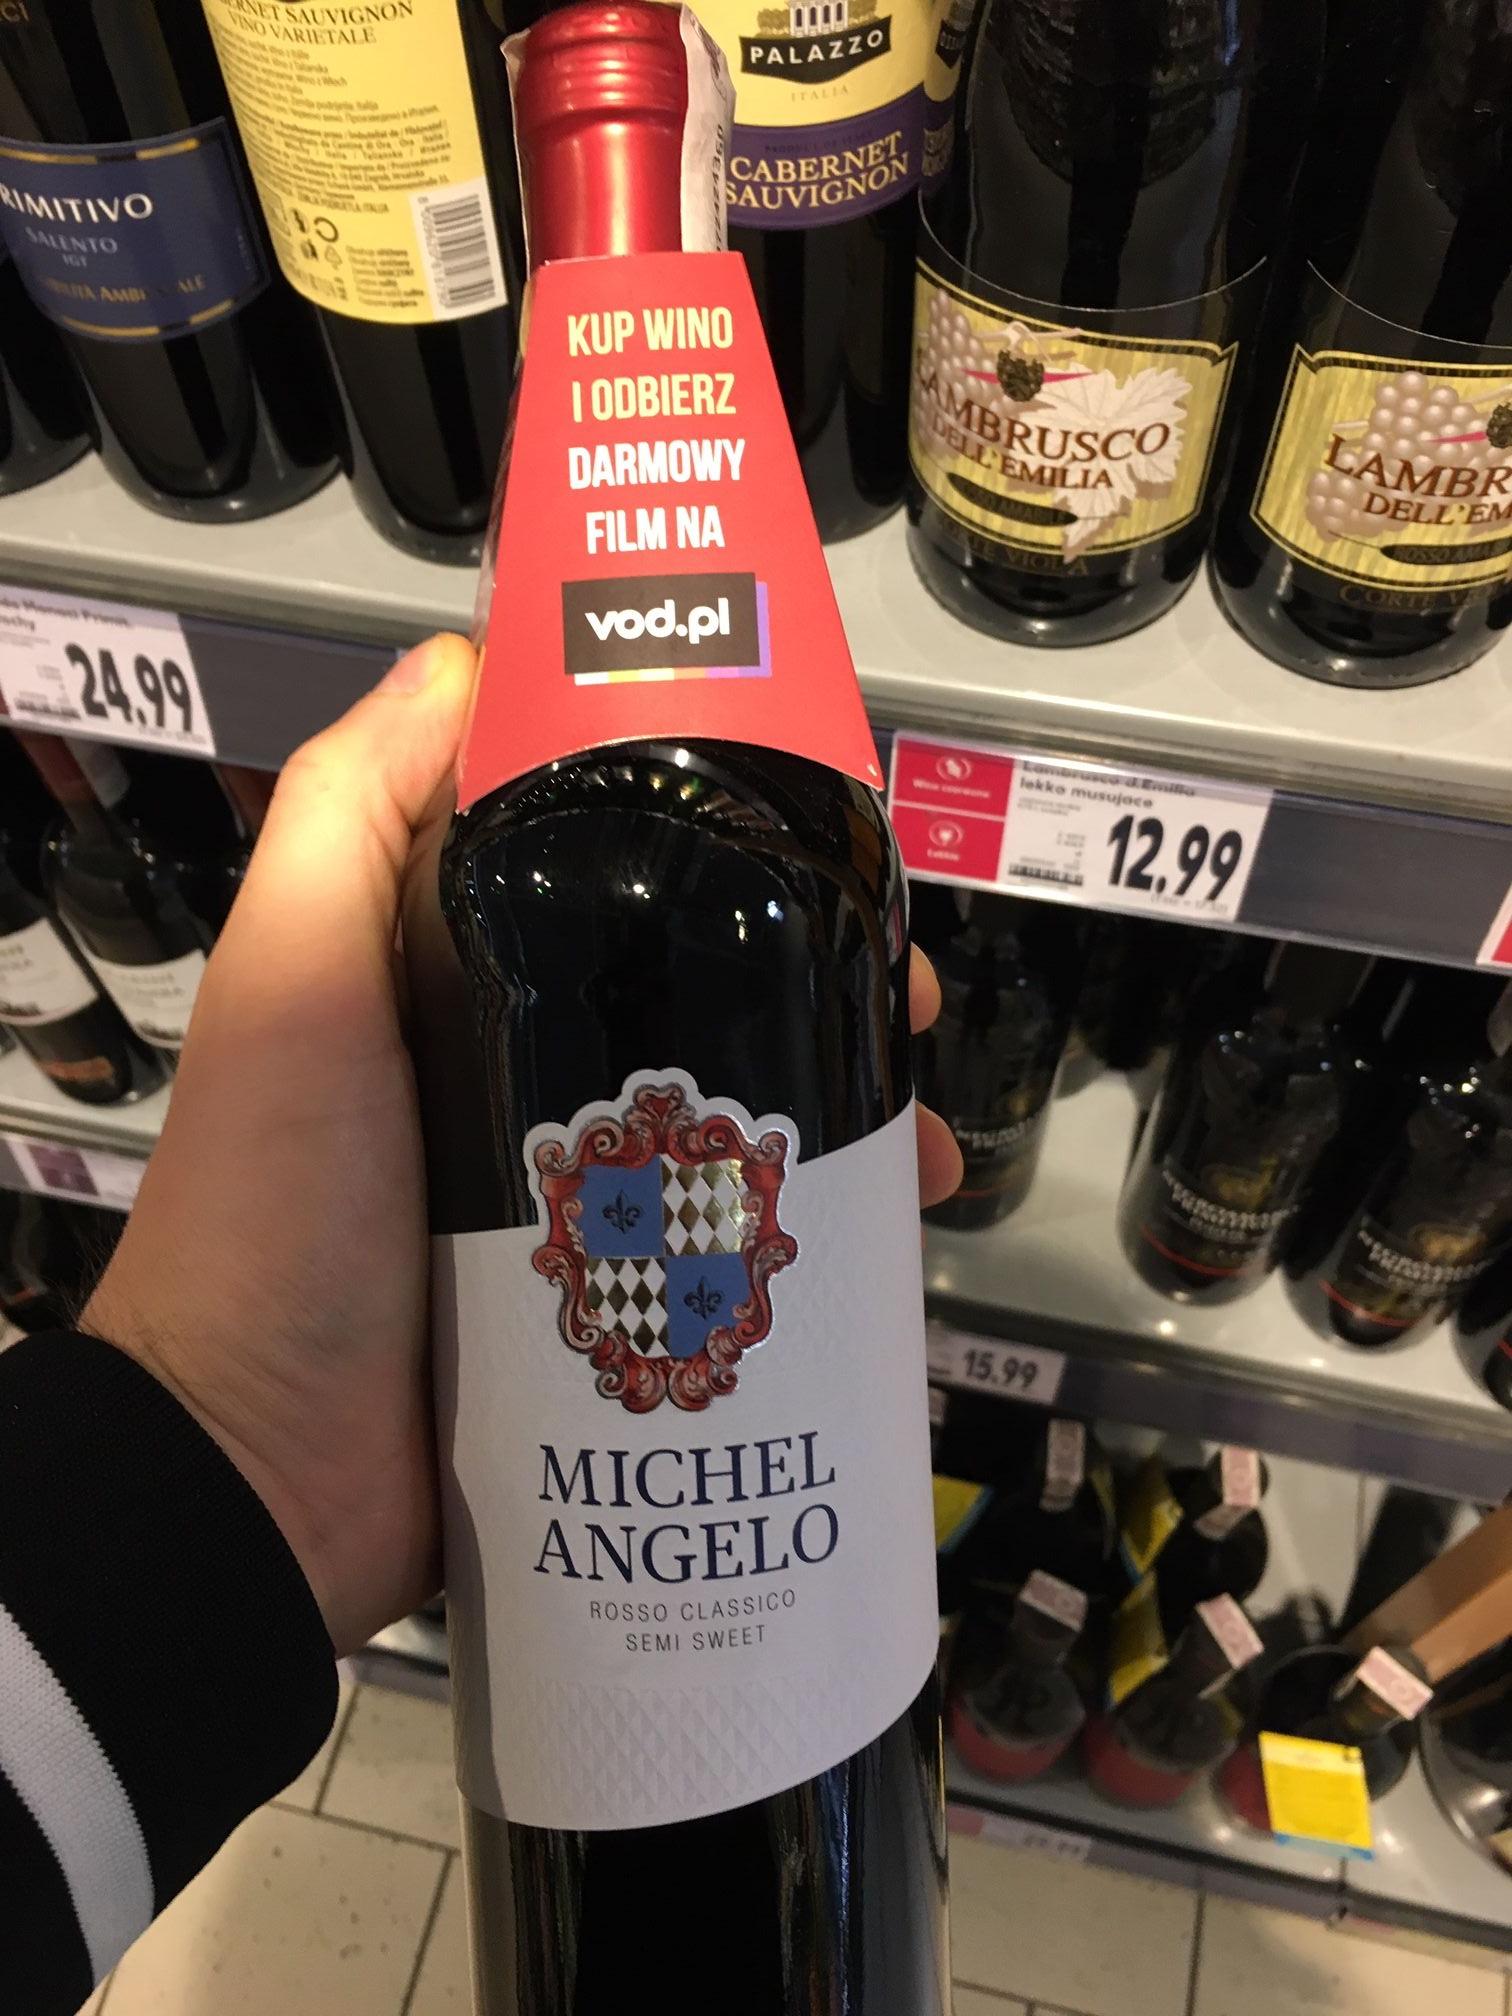 Kod na film VOD za butelkę Michel Angelo